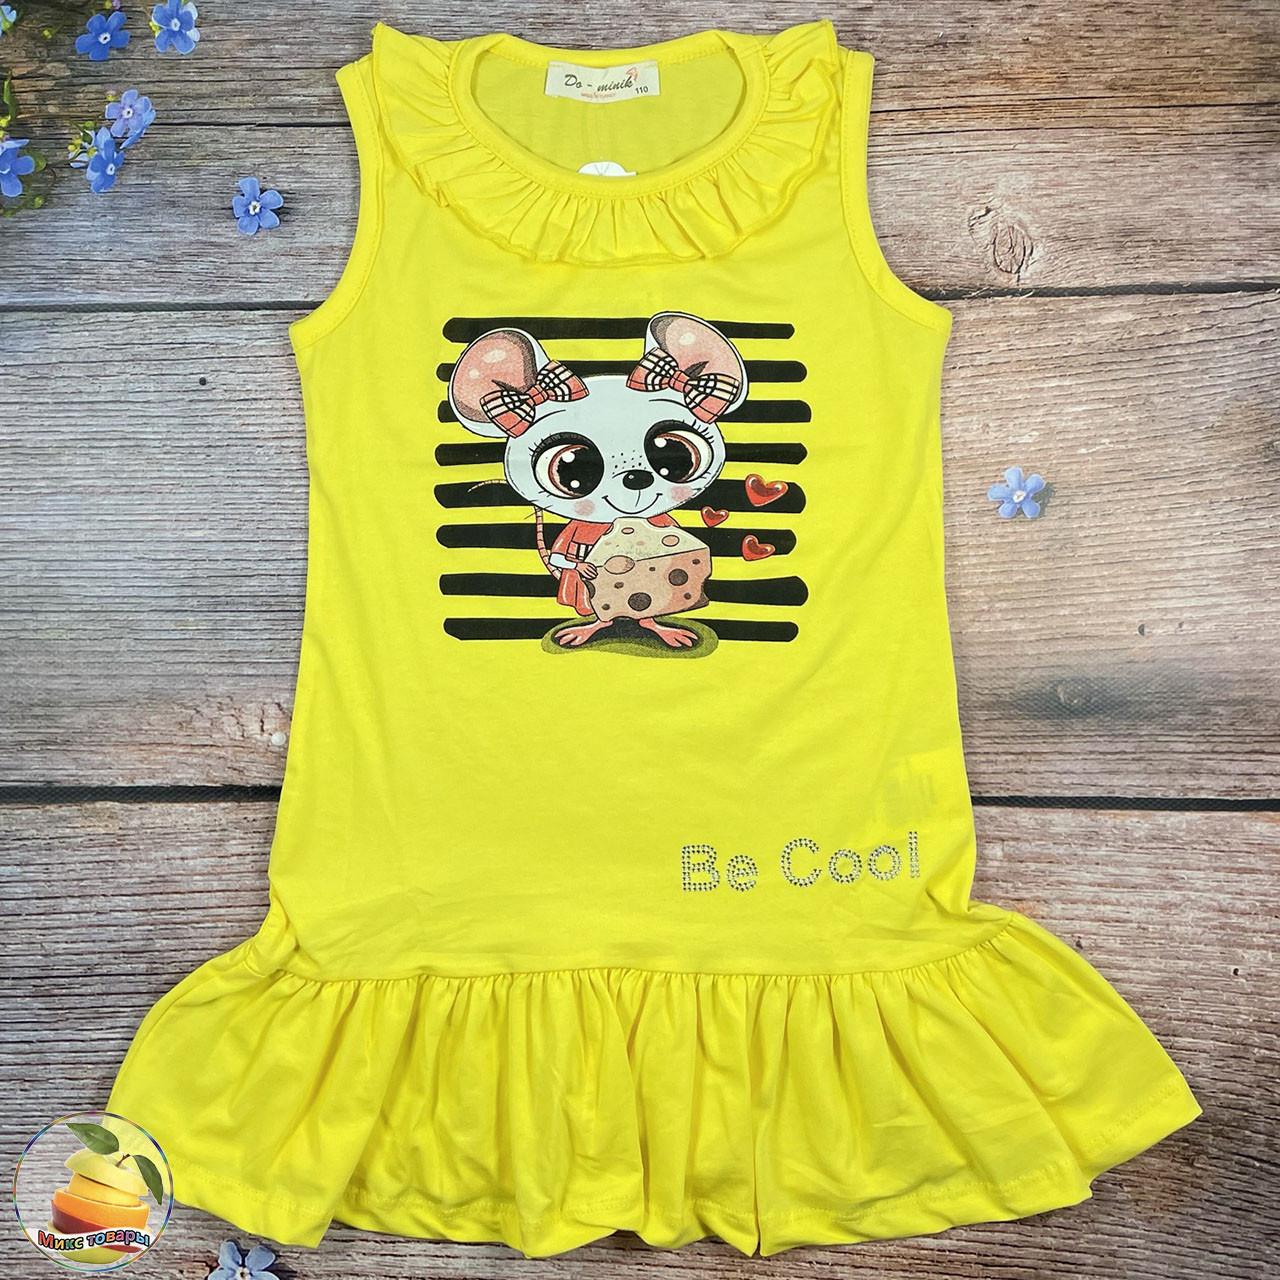 """Плаття для дівчинки """"Мишка"""" Розмір: 110,116,122,128 см (01843-2)"""